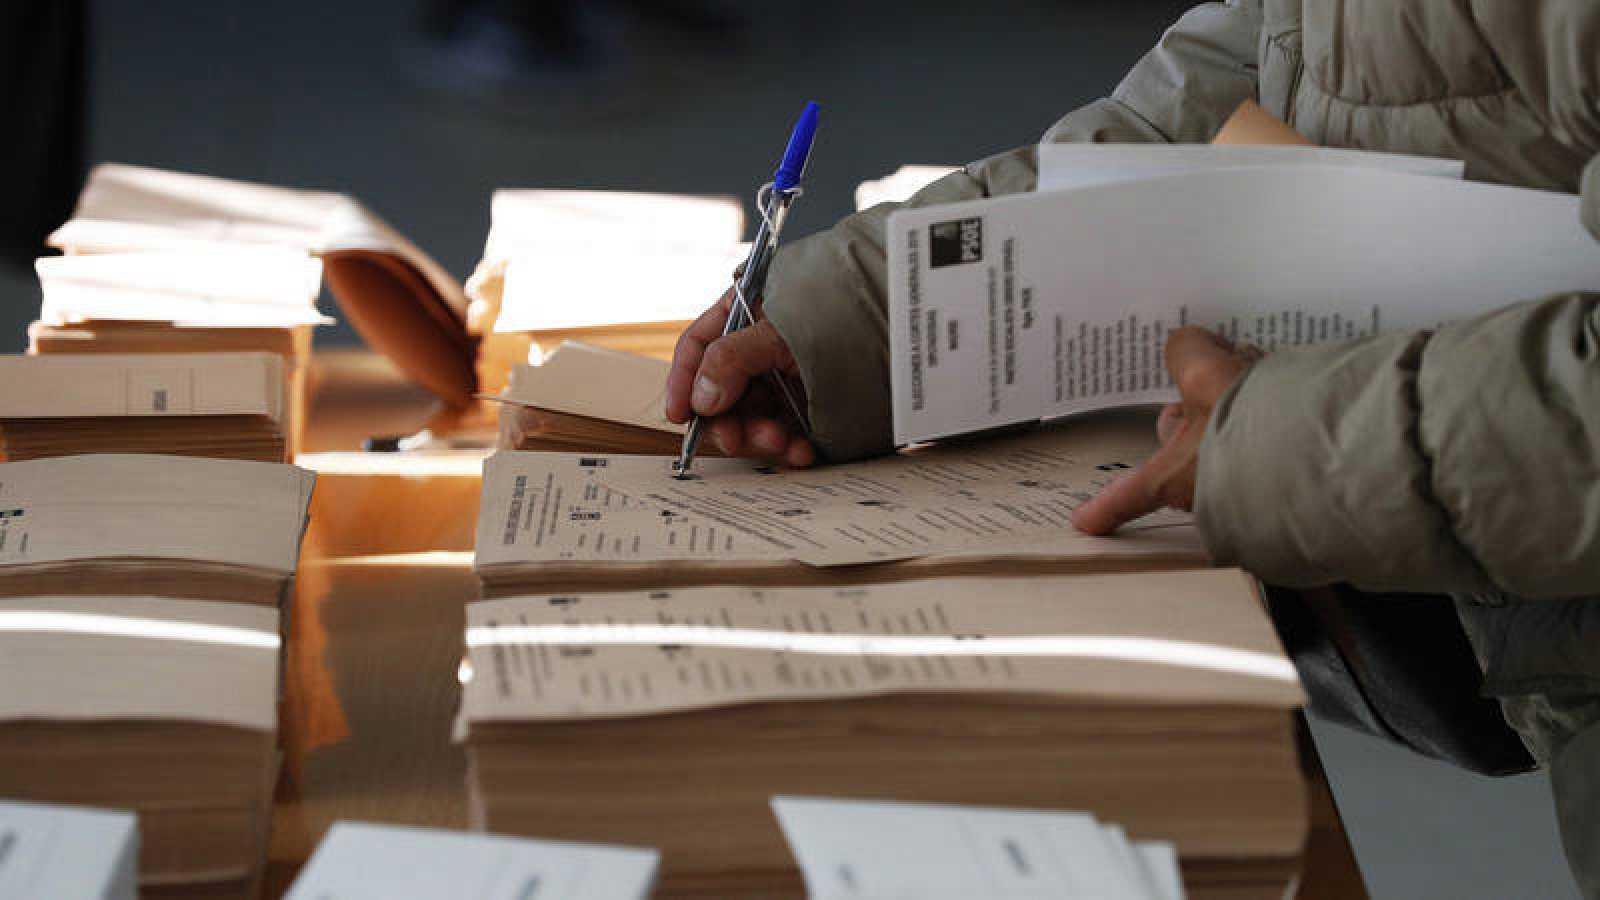 Elecciones generales 2019 - Papeletas en un colegio electoral